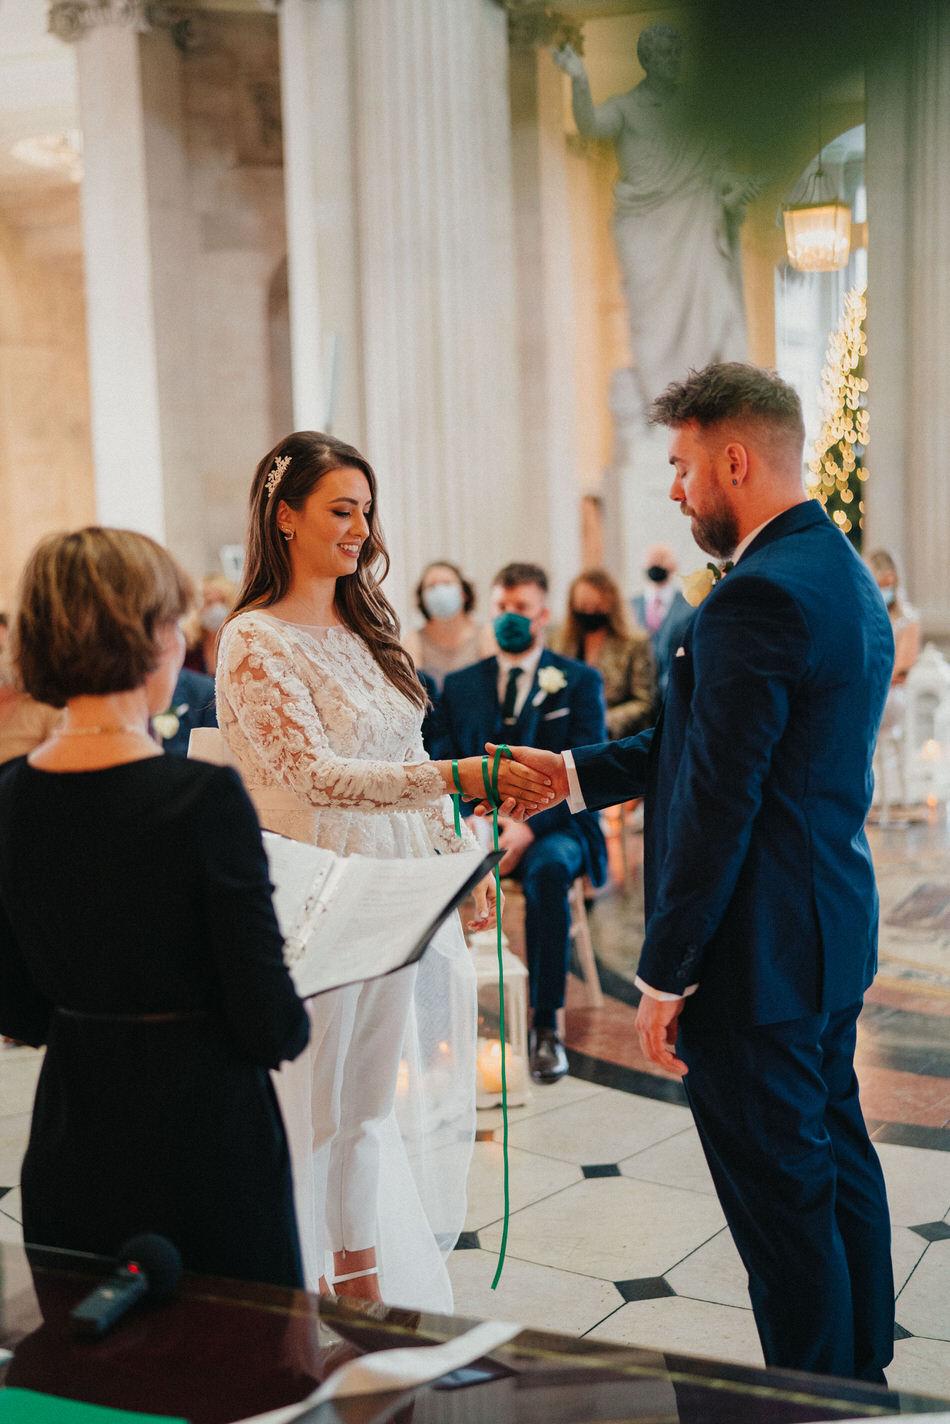 City-hall-dublin-wedding-photos-28 27